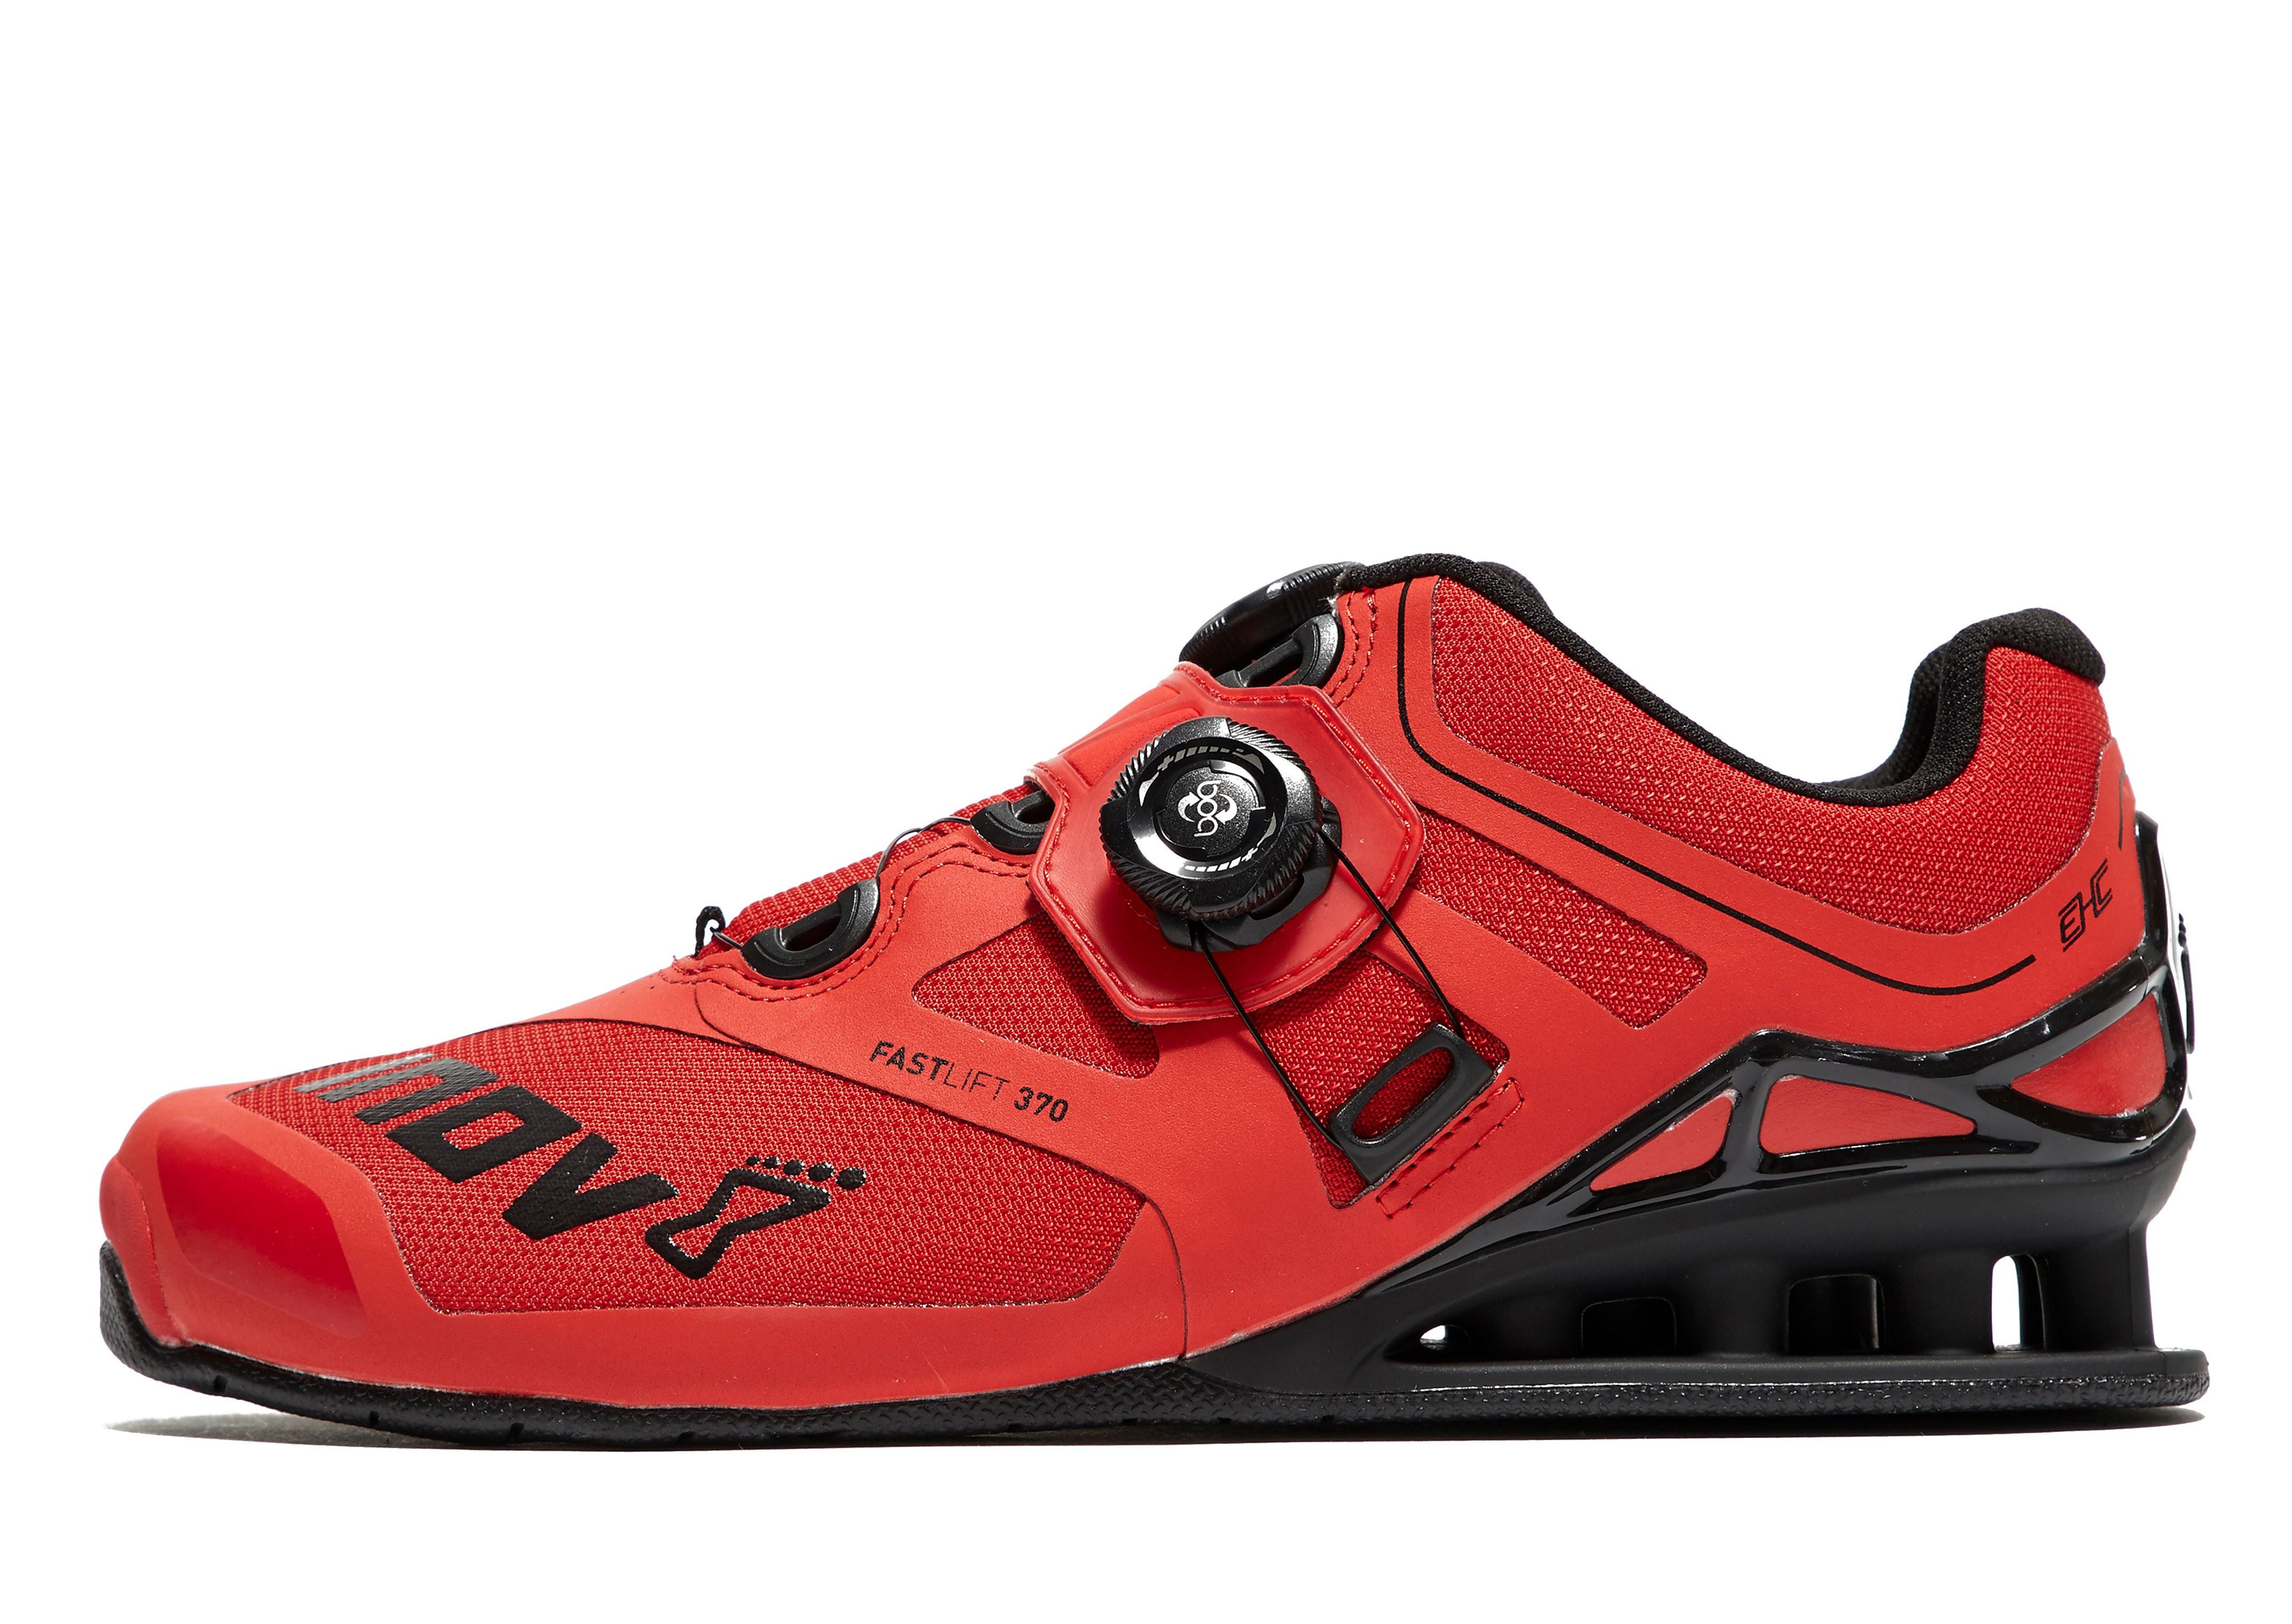 Inov-8 Fast Lift 370 BOA Training Shoes